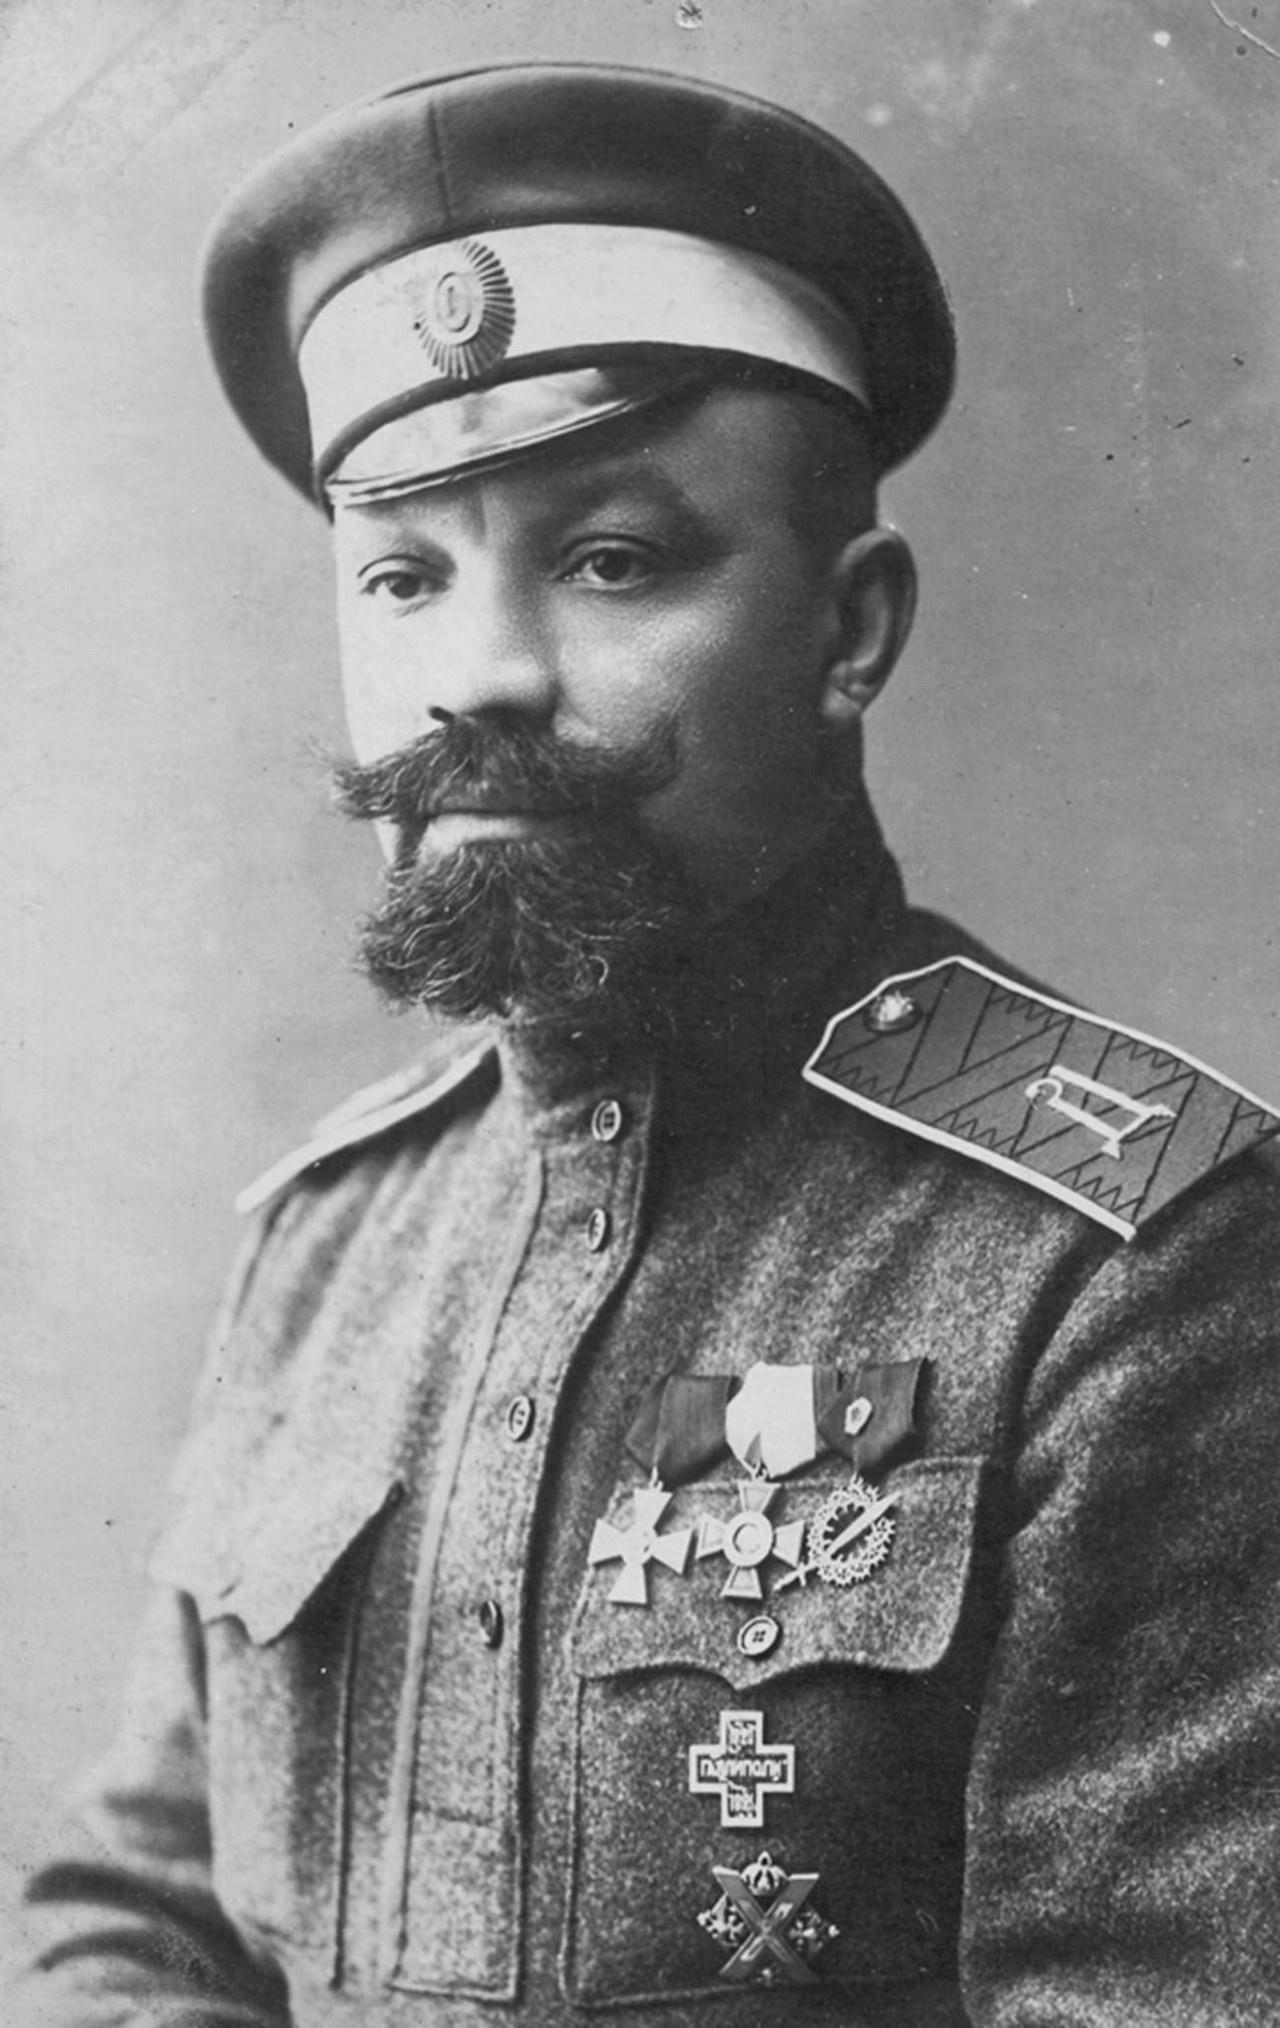 Русский общевоинский союз возглавлял заклятый враг Советской власти белогвардейский генерал Кутепов.